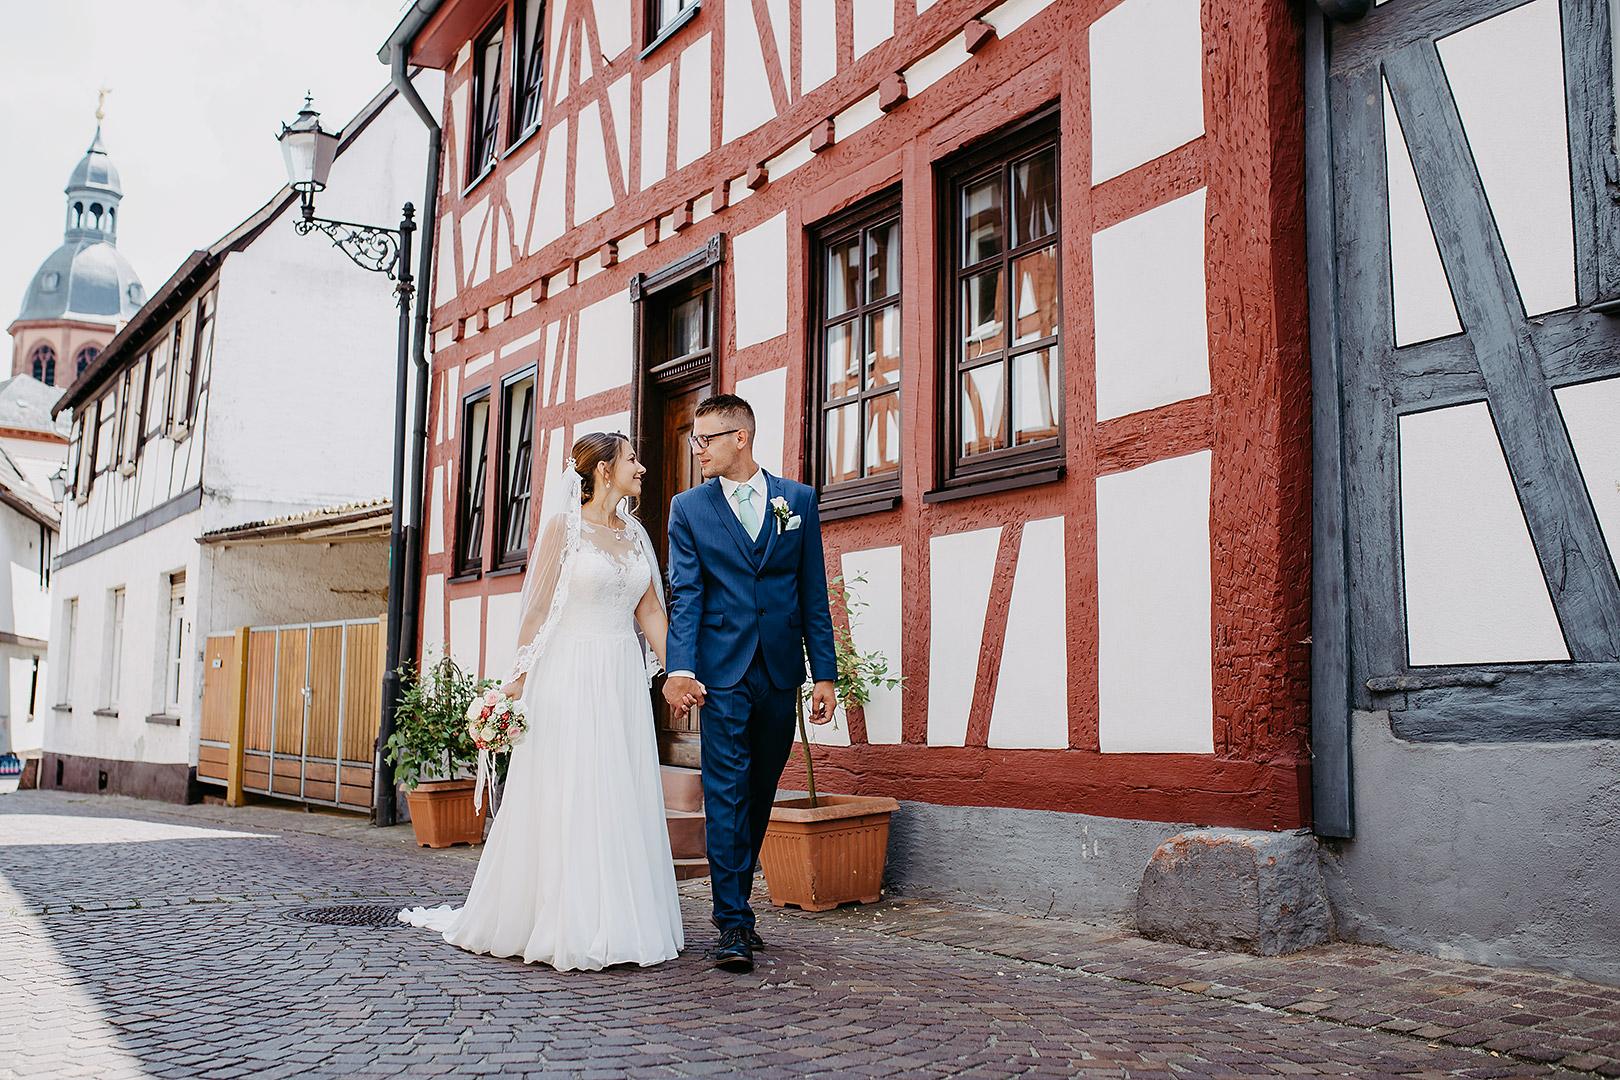 portrait_wedding_IsabellundOliver_13